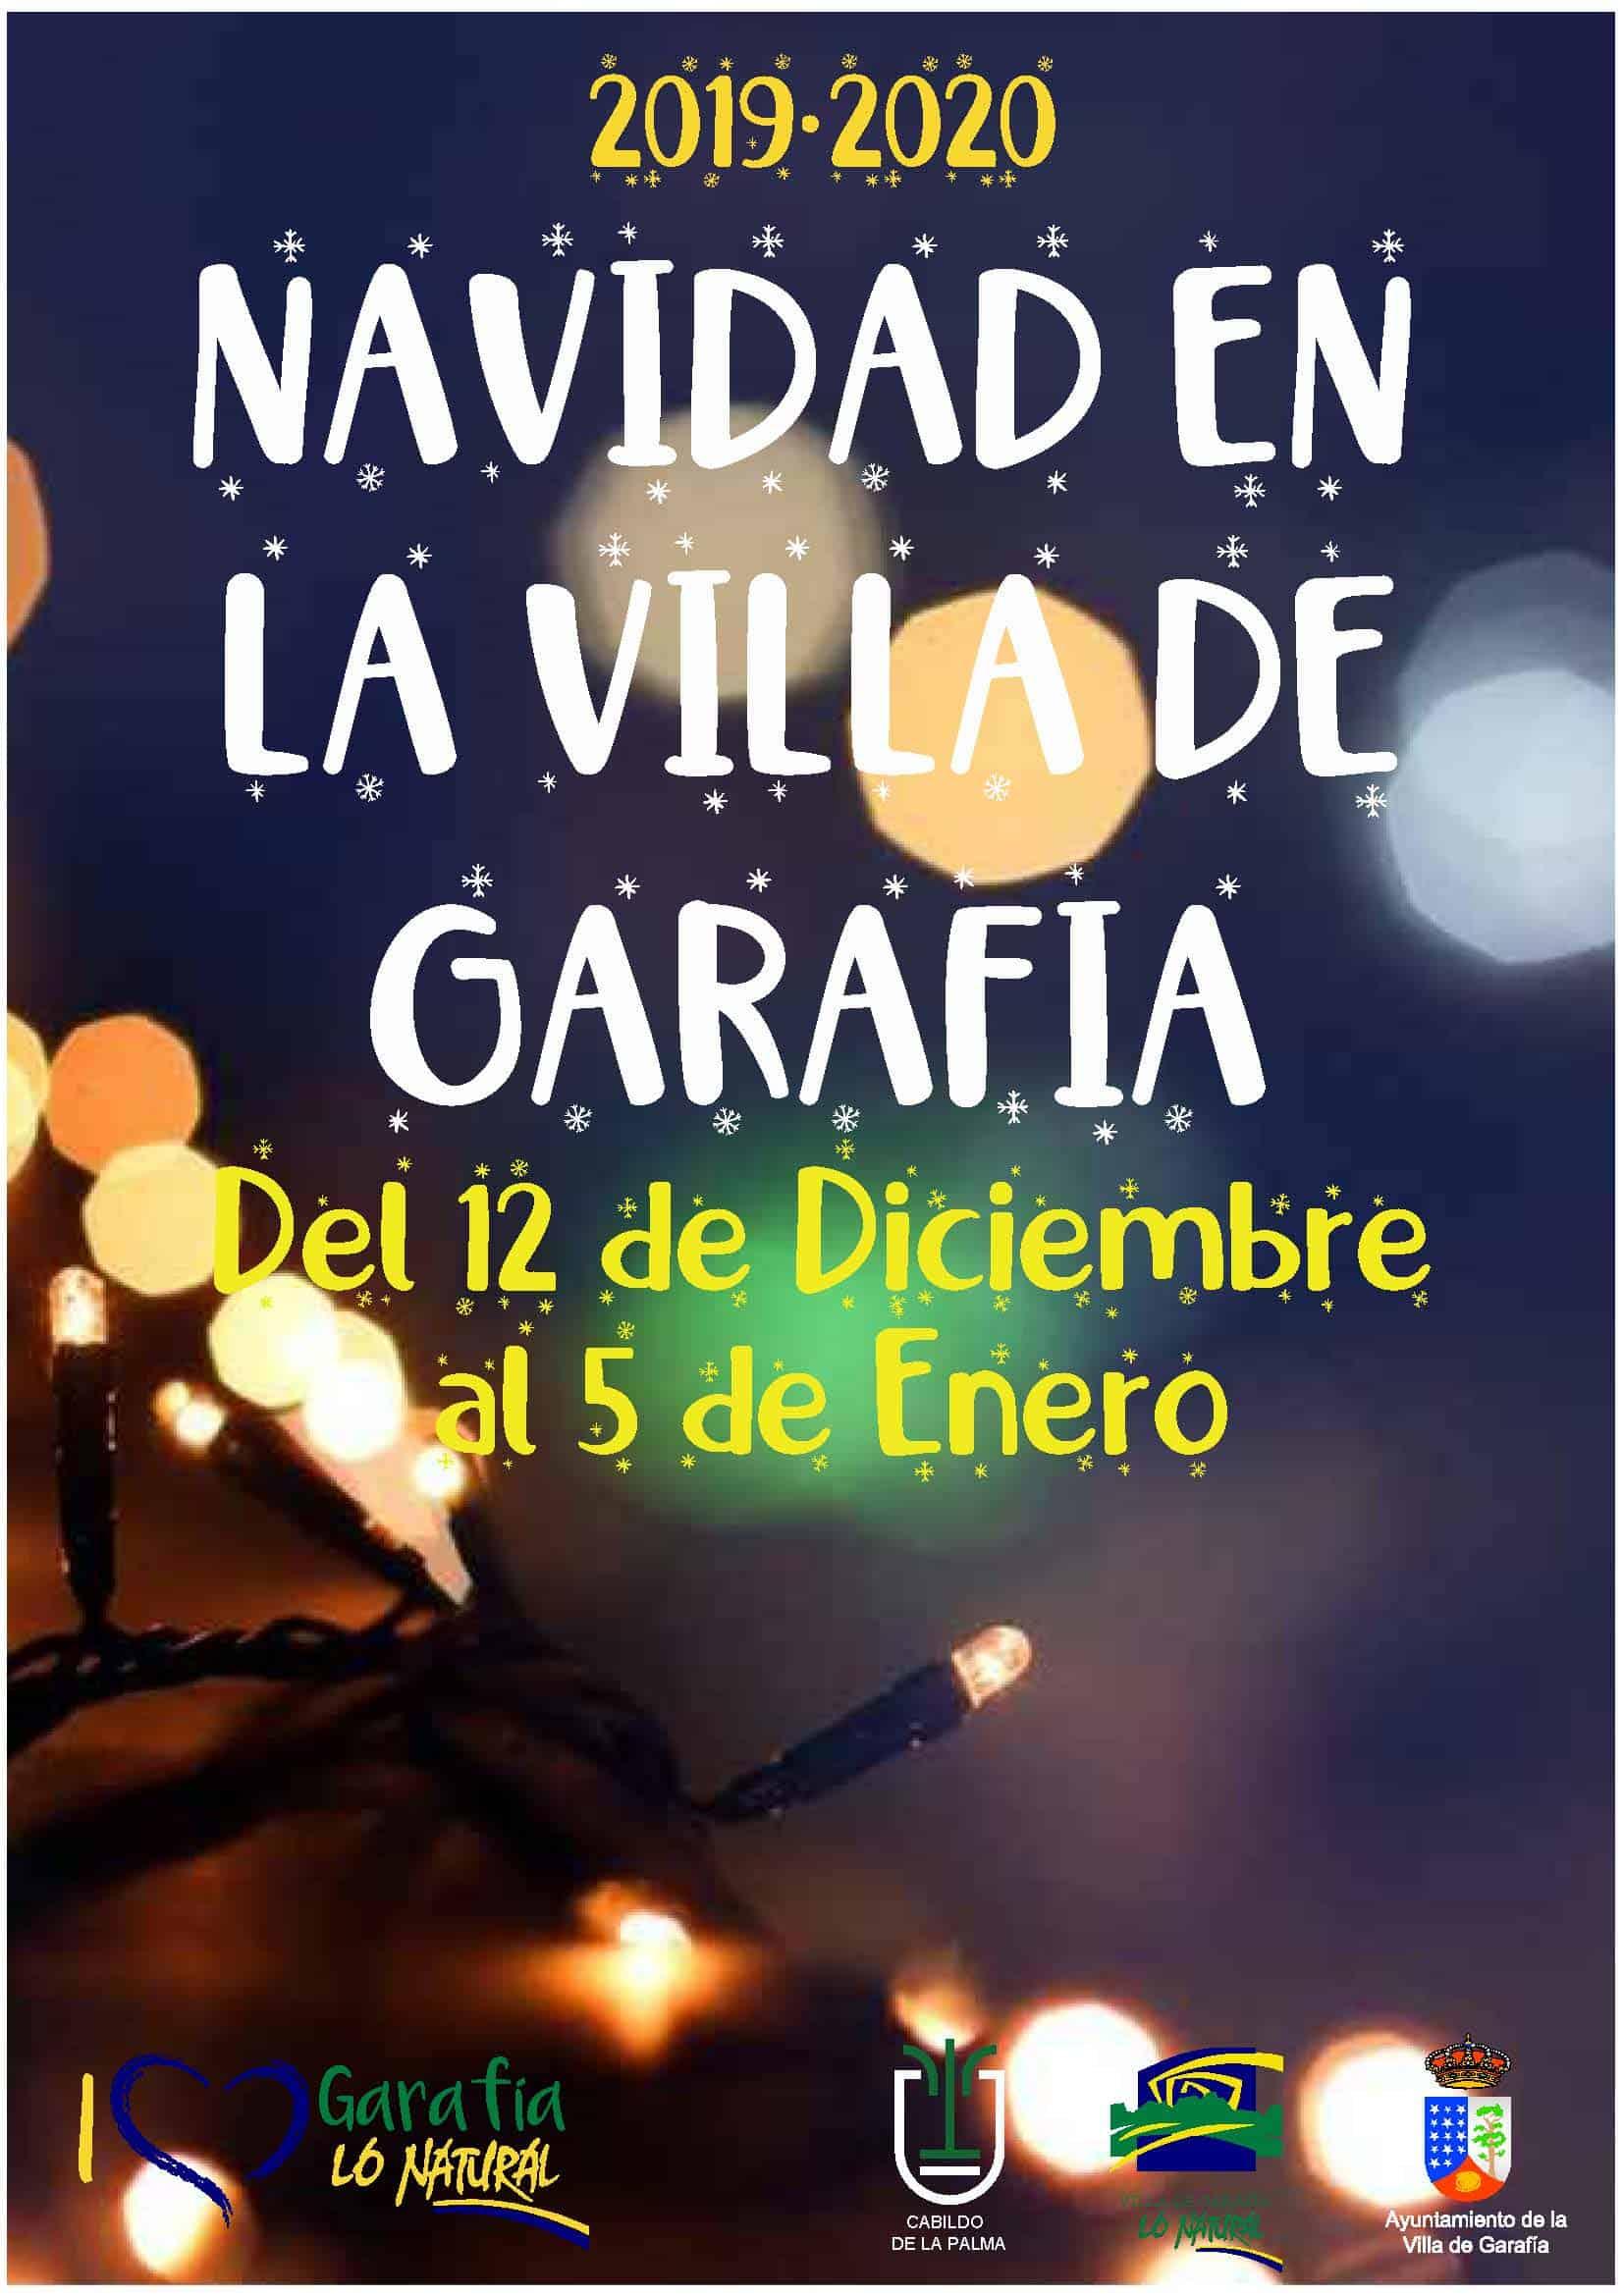 Navidad en la Villa de Garafía 2019-2020